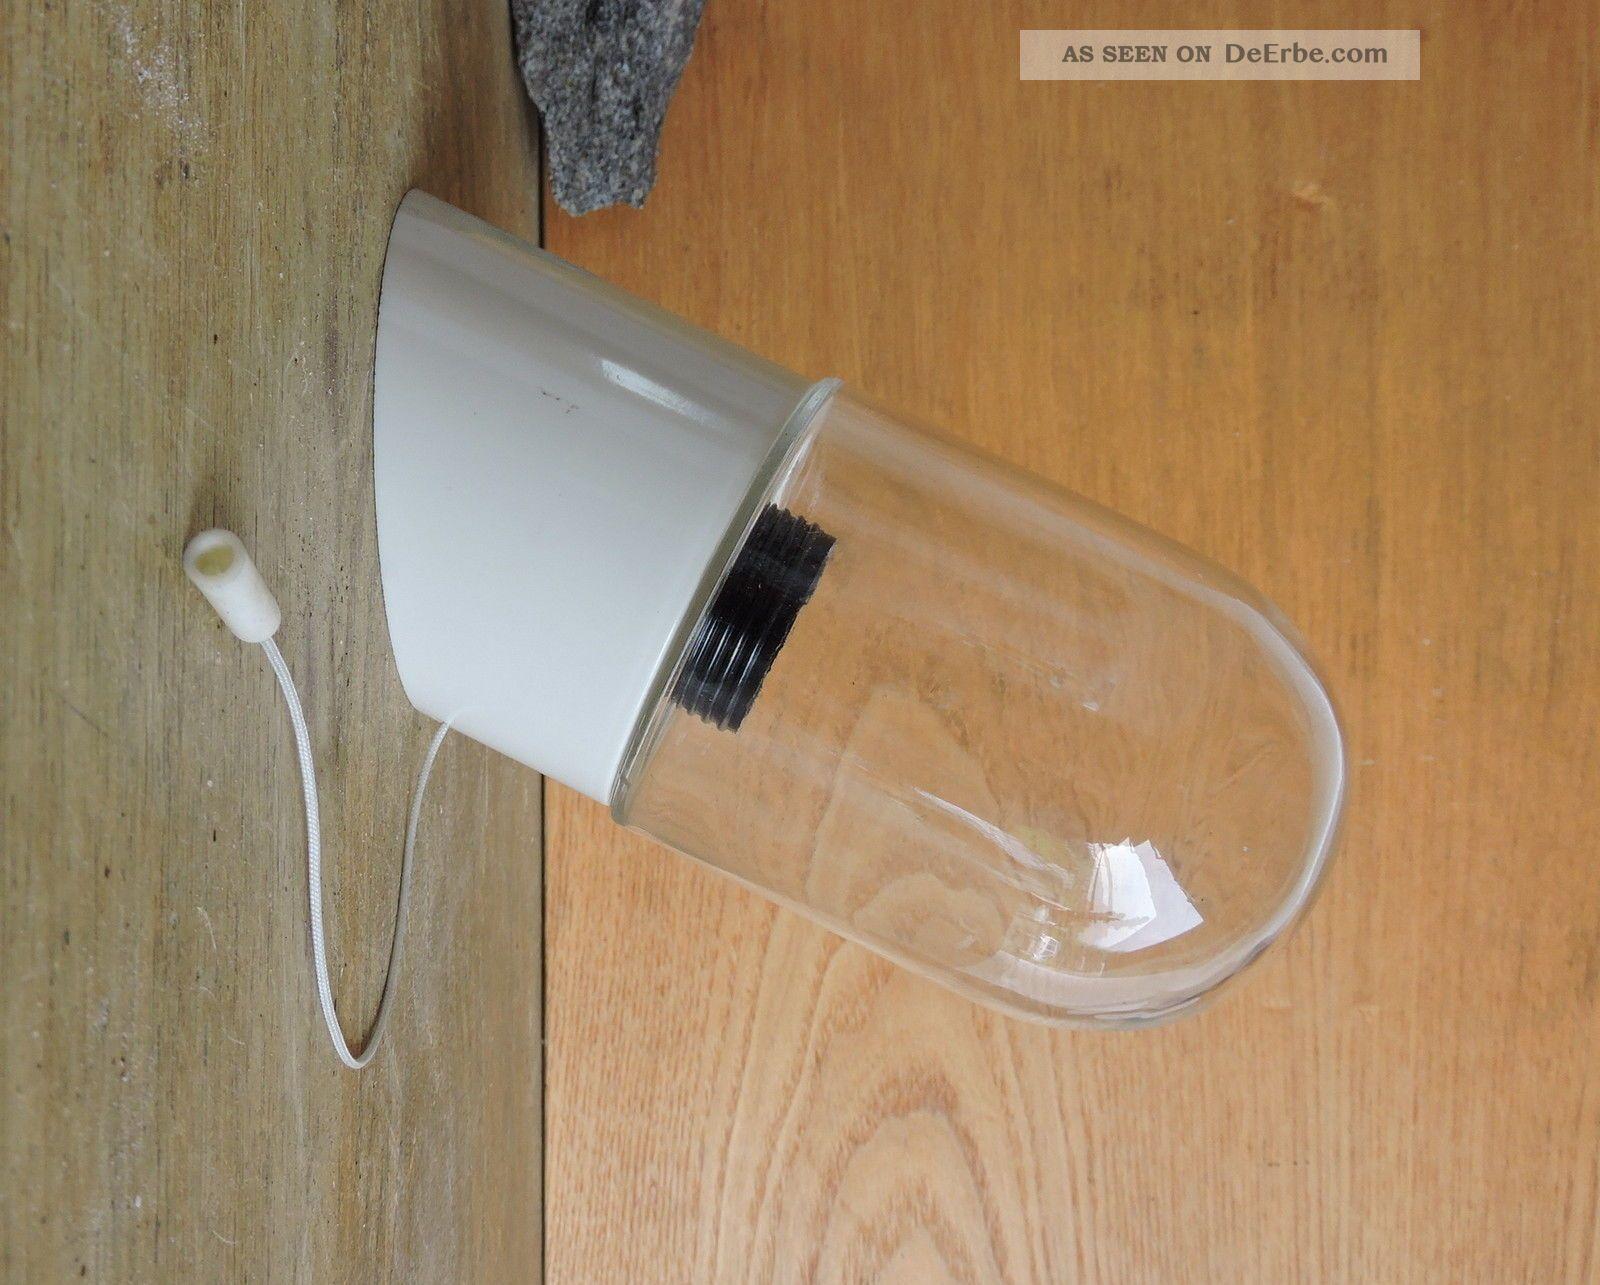 Wandlampe Schlafzimmer Mit Schalter > Jevelry.com >> Inspiration für die Gestaltung der besten Räume